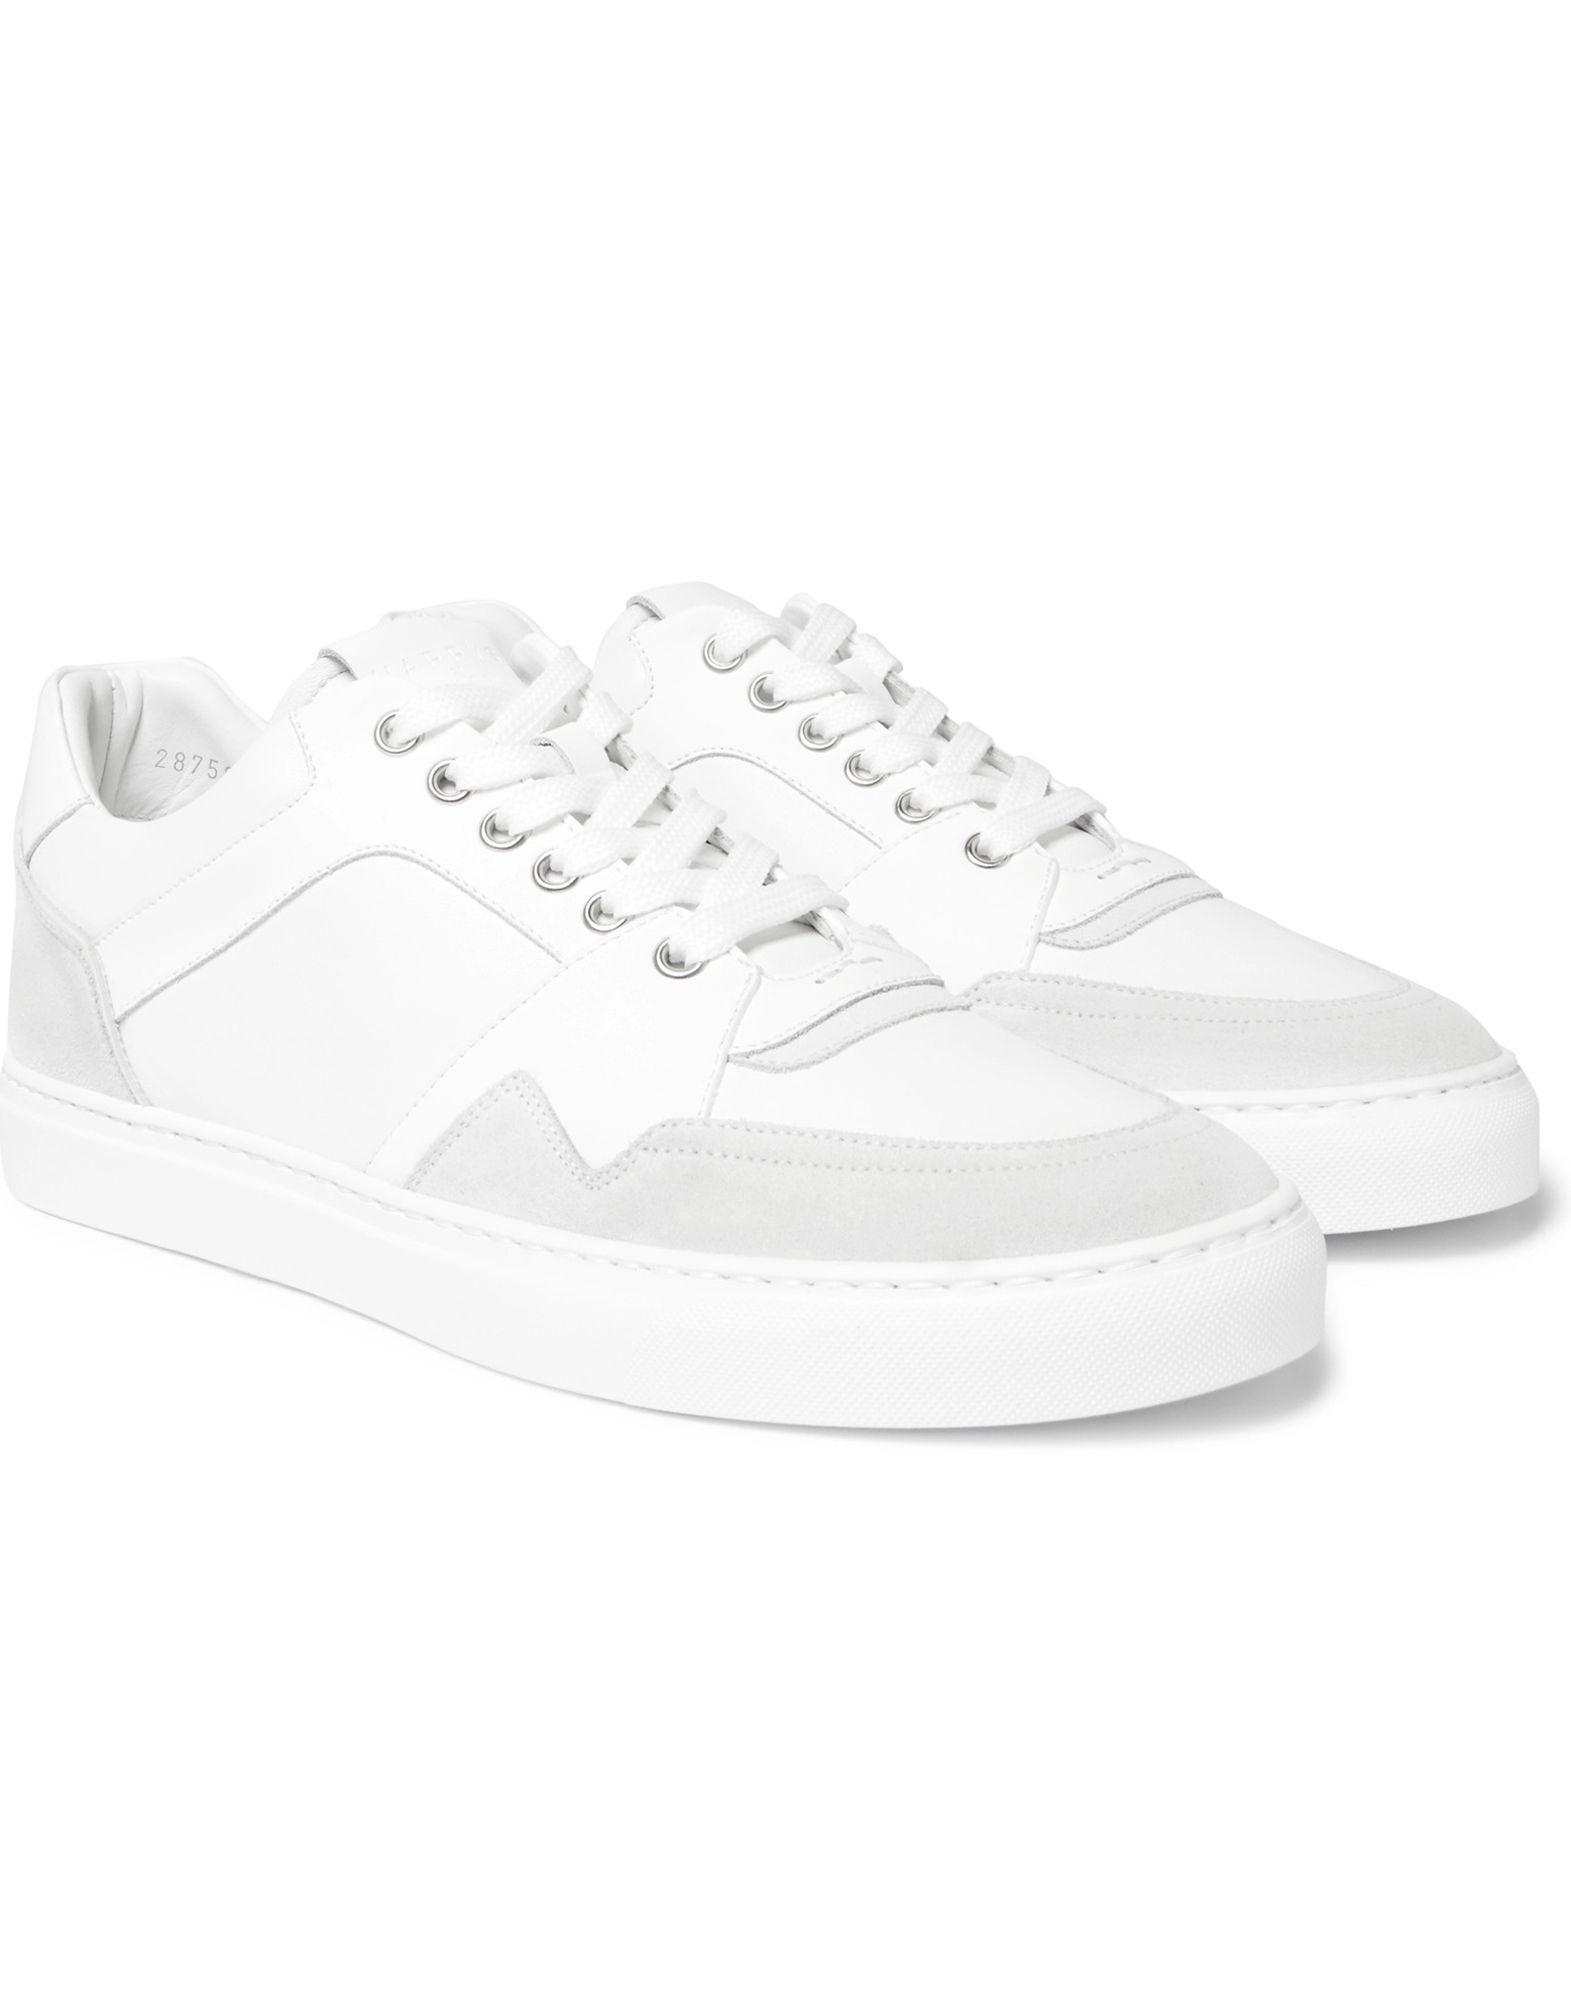 Harrys Of London Herren Sneakers Herren London  11539729NB 165e26